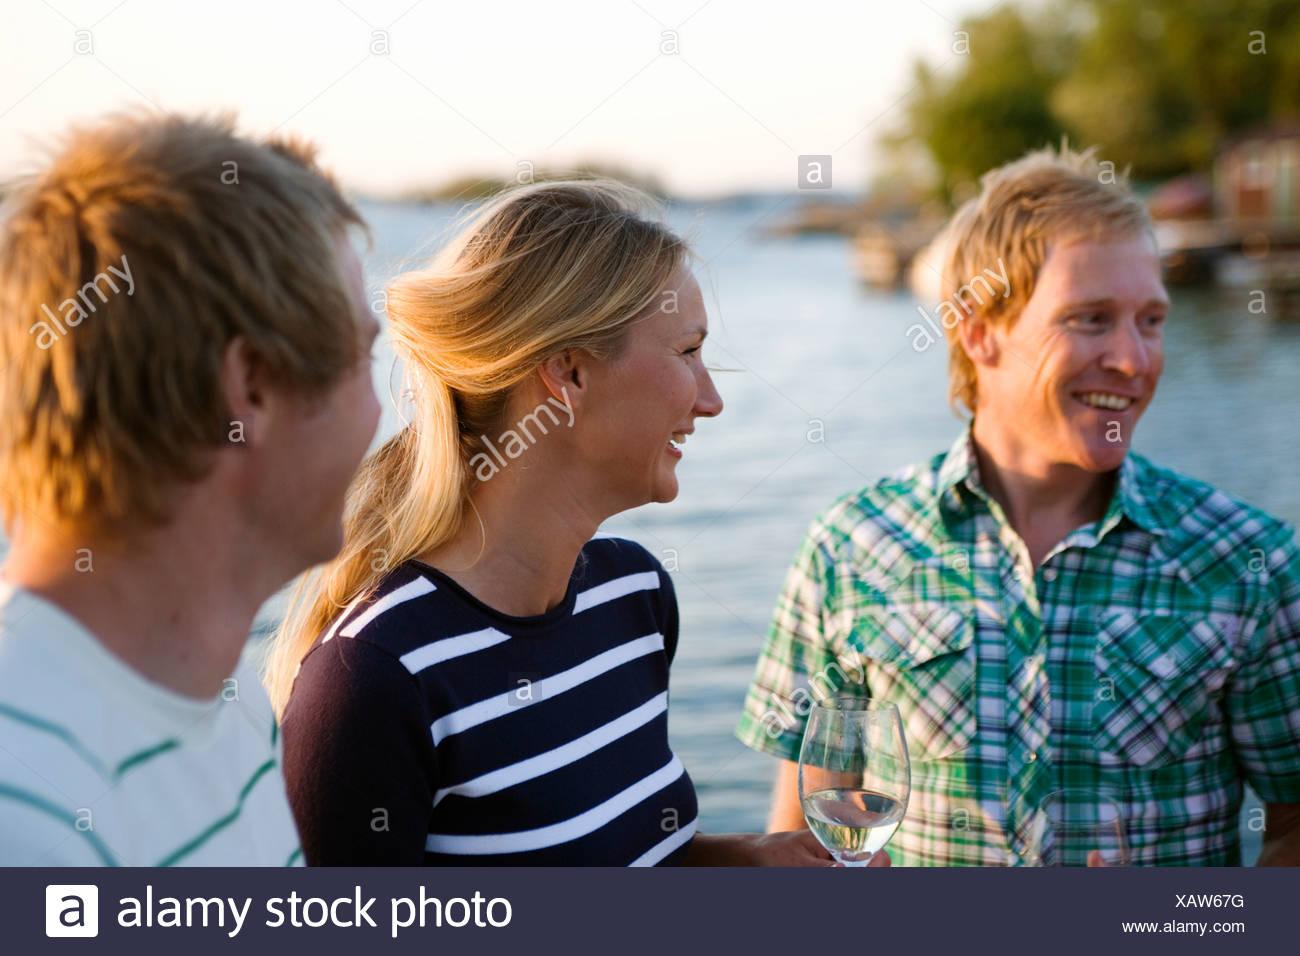 Tres personas felices, Fejan, archipiélago de Estocolmo, Suecia. Foto de stock